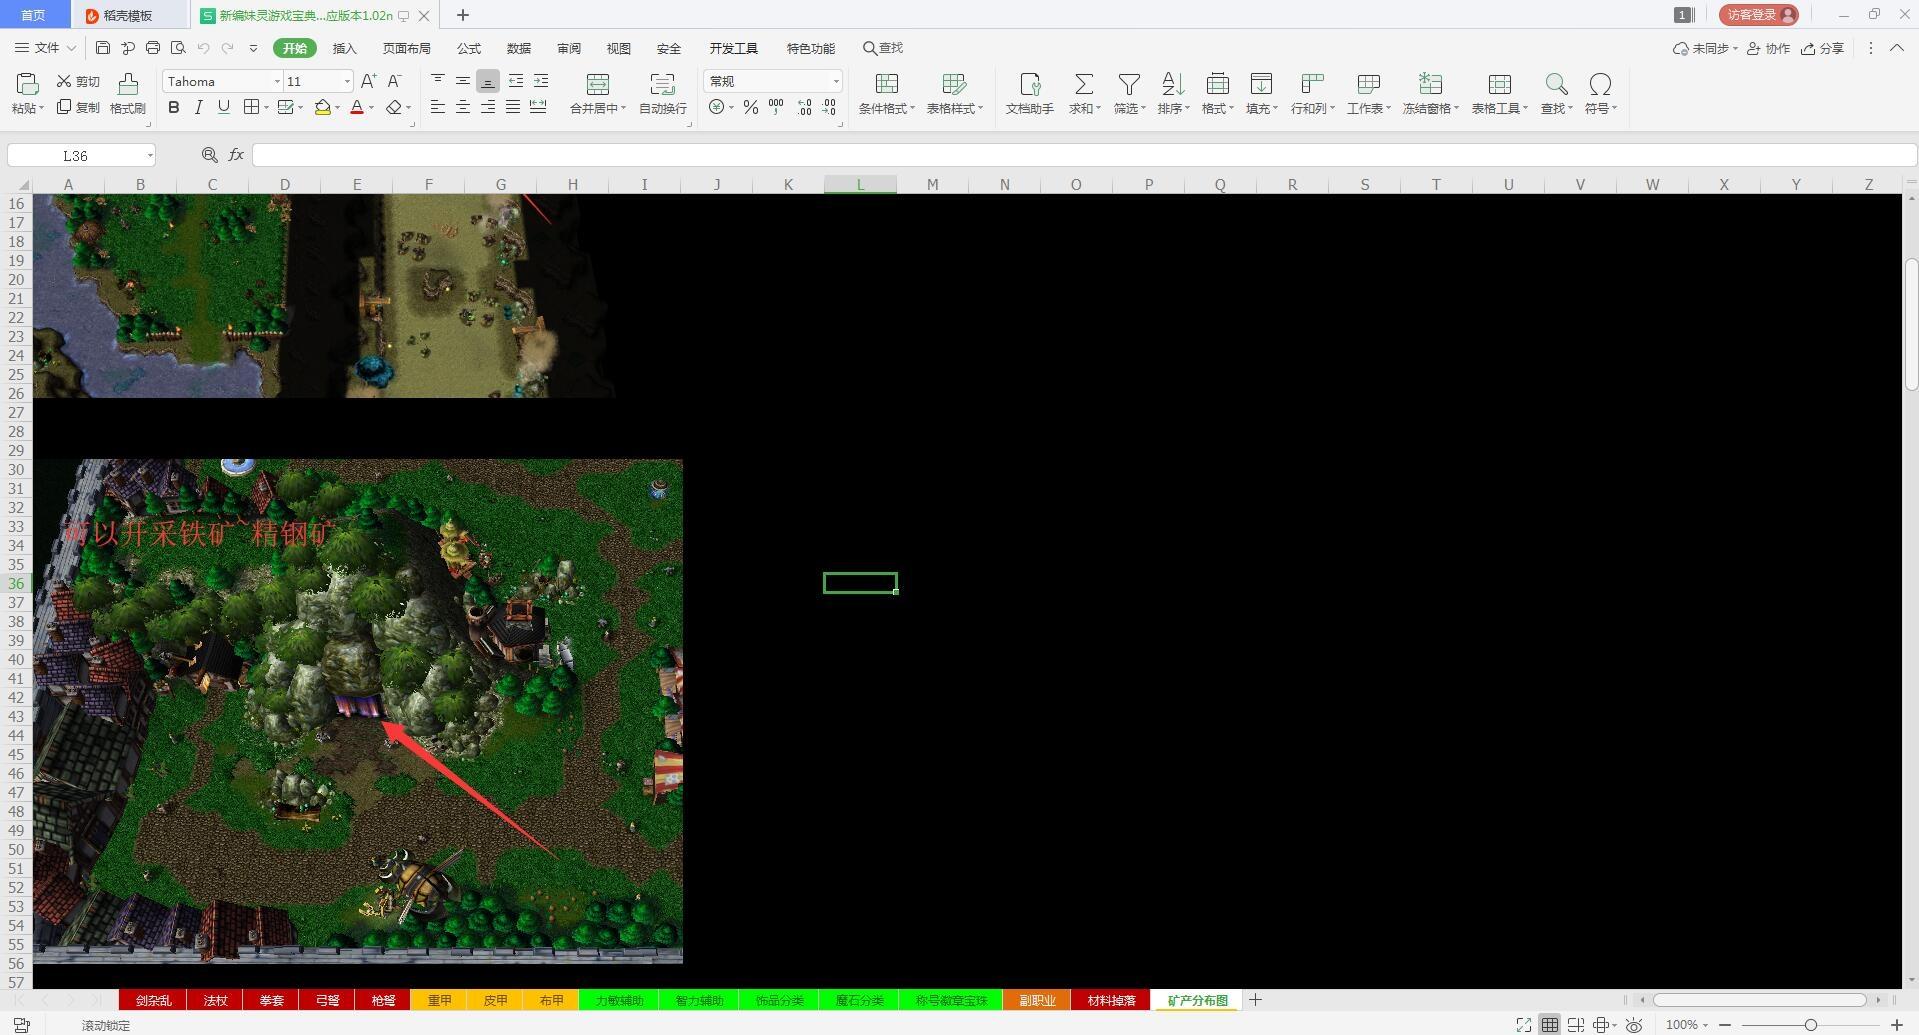 妹灵ORPGv1.02N合集图文攻略 装备属性介绍大全+材料掉落地+矿产分布图